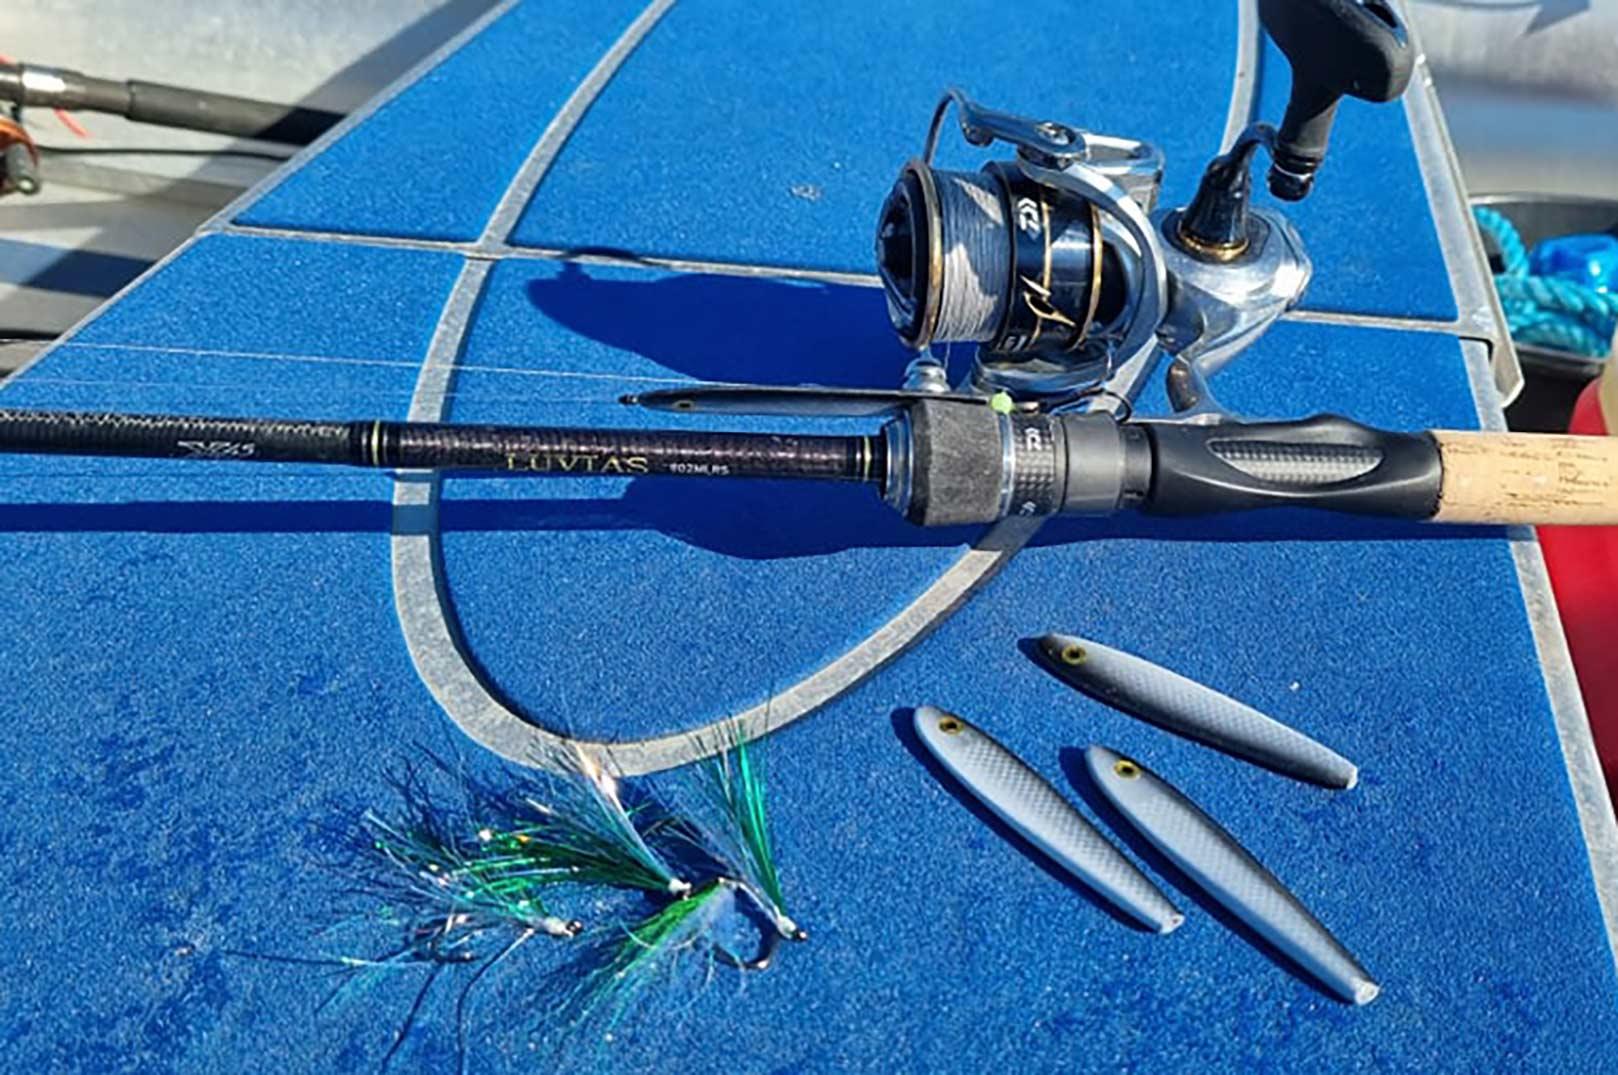 Et pålideligt letspin set-up, blink og ophængerfluer er alt du skal bruge for at lege med makrellerne.